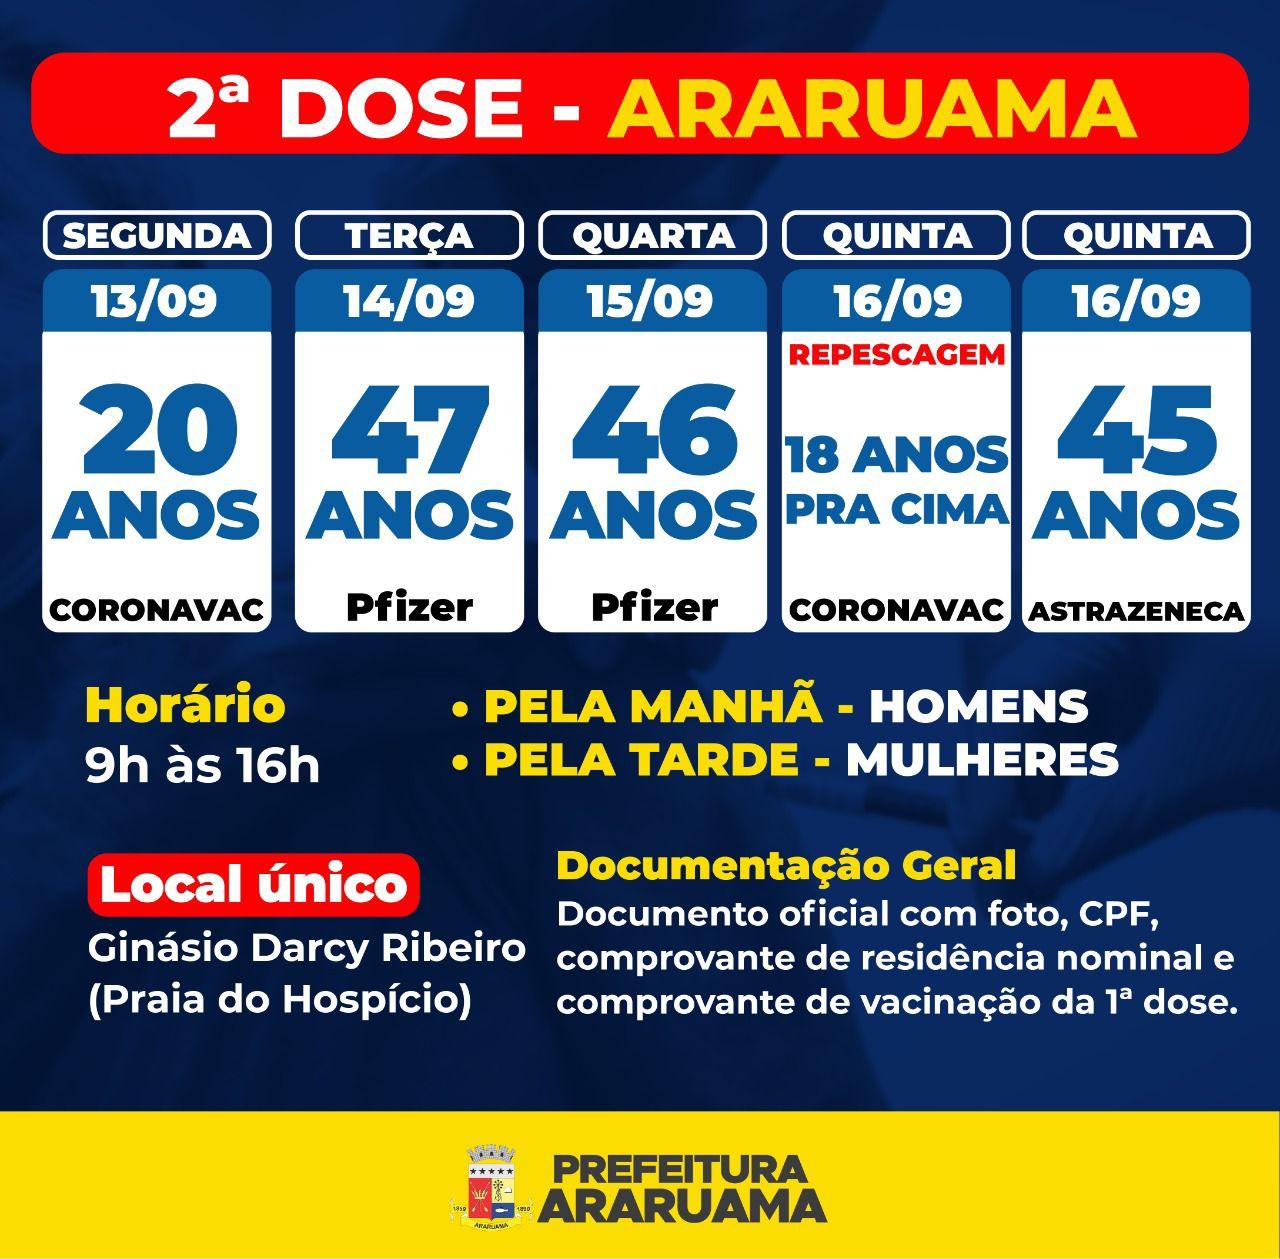 Calendário de vacinação da segunda dose contra a COVID-19 em Araruama